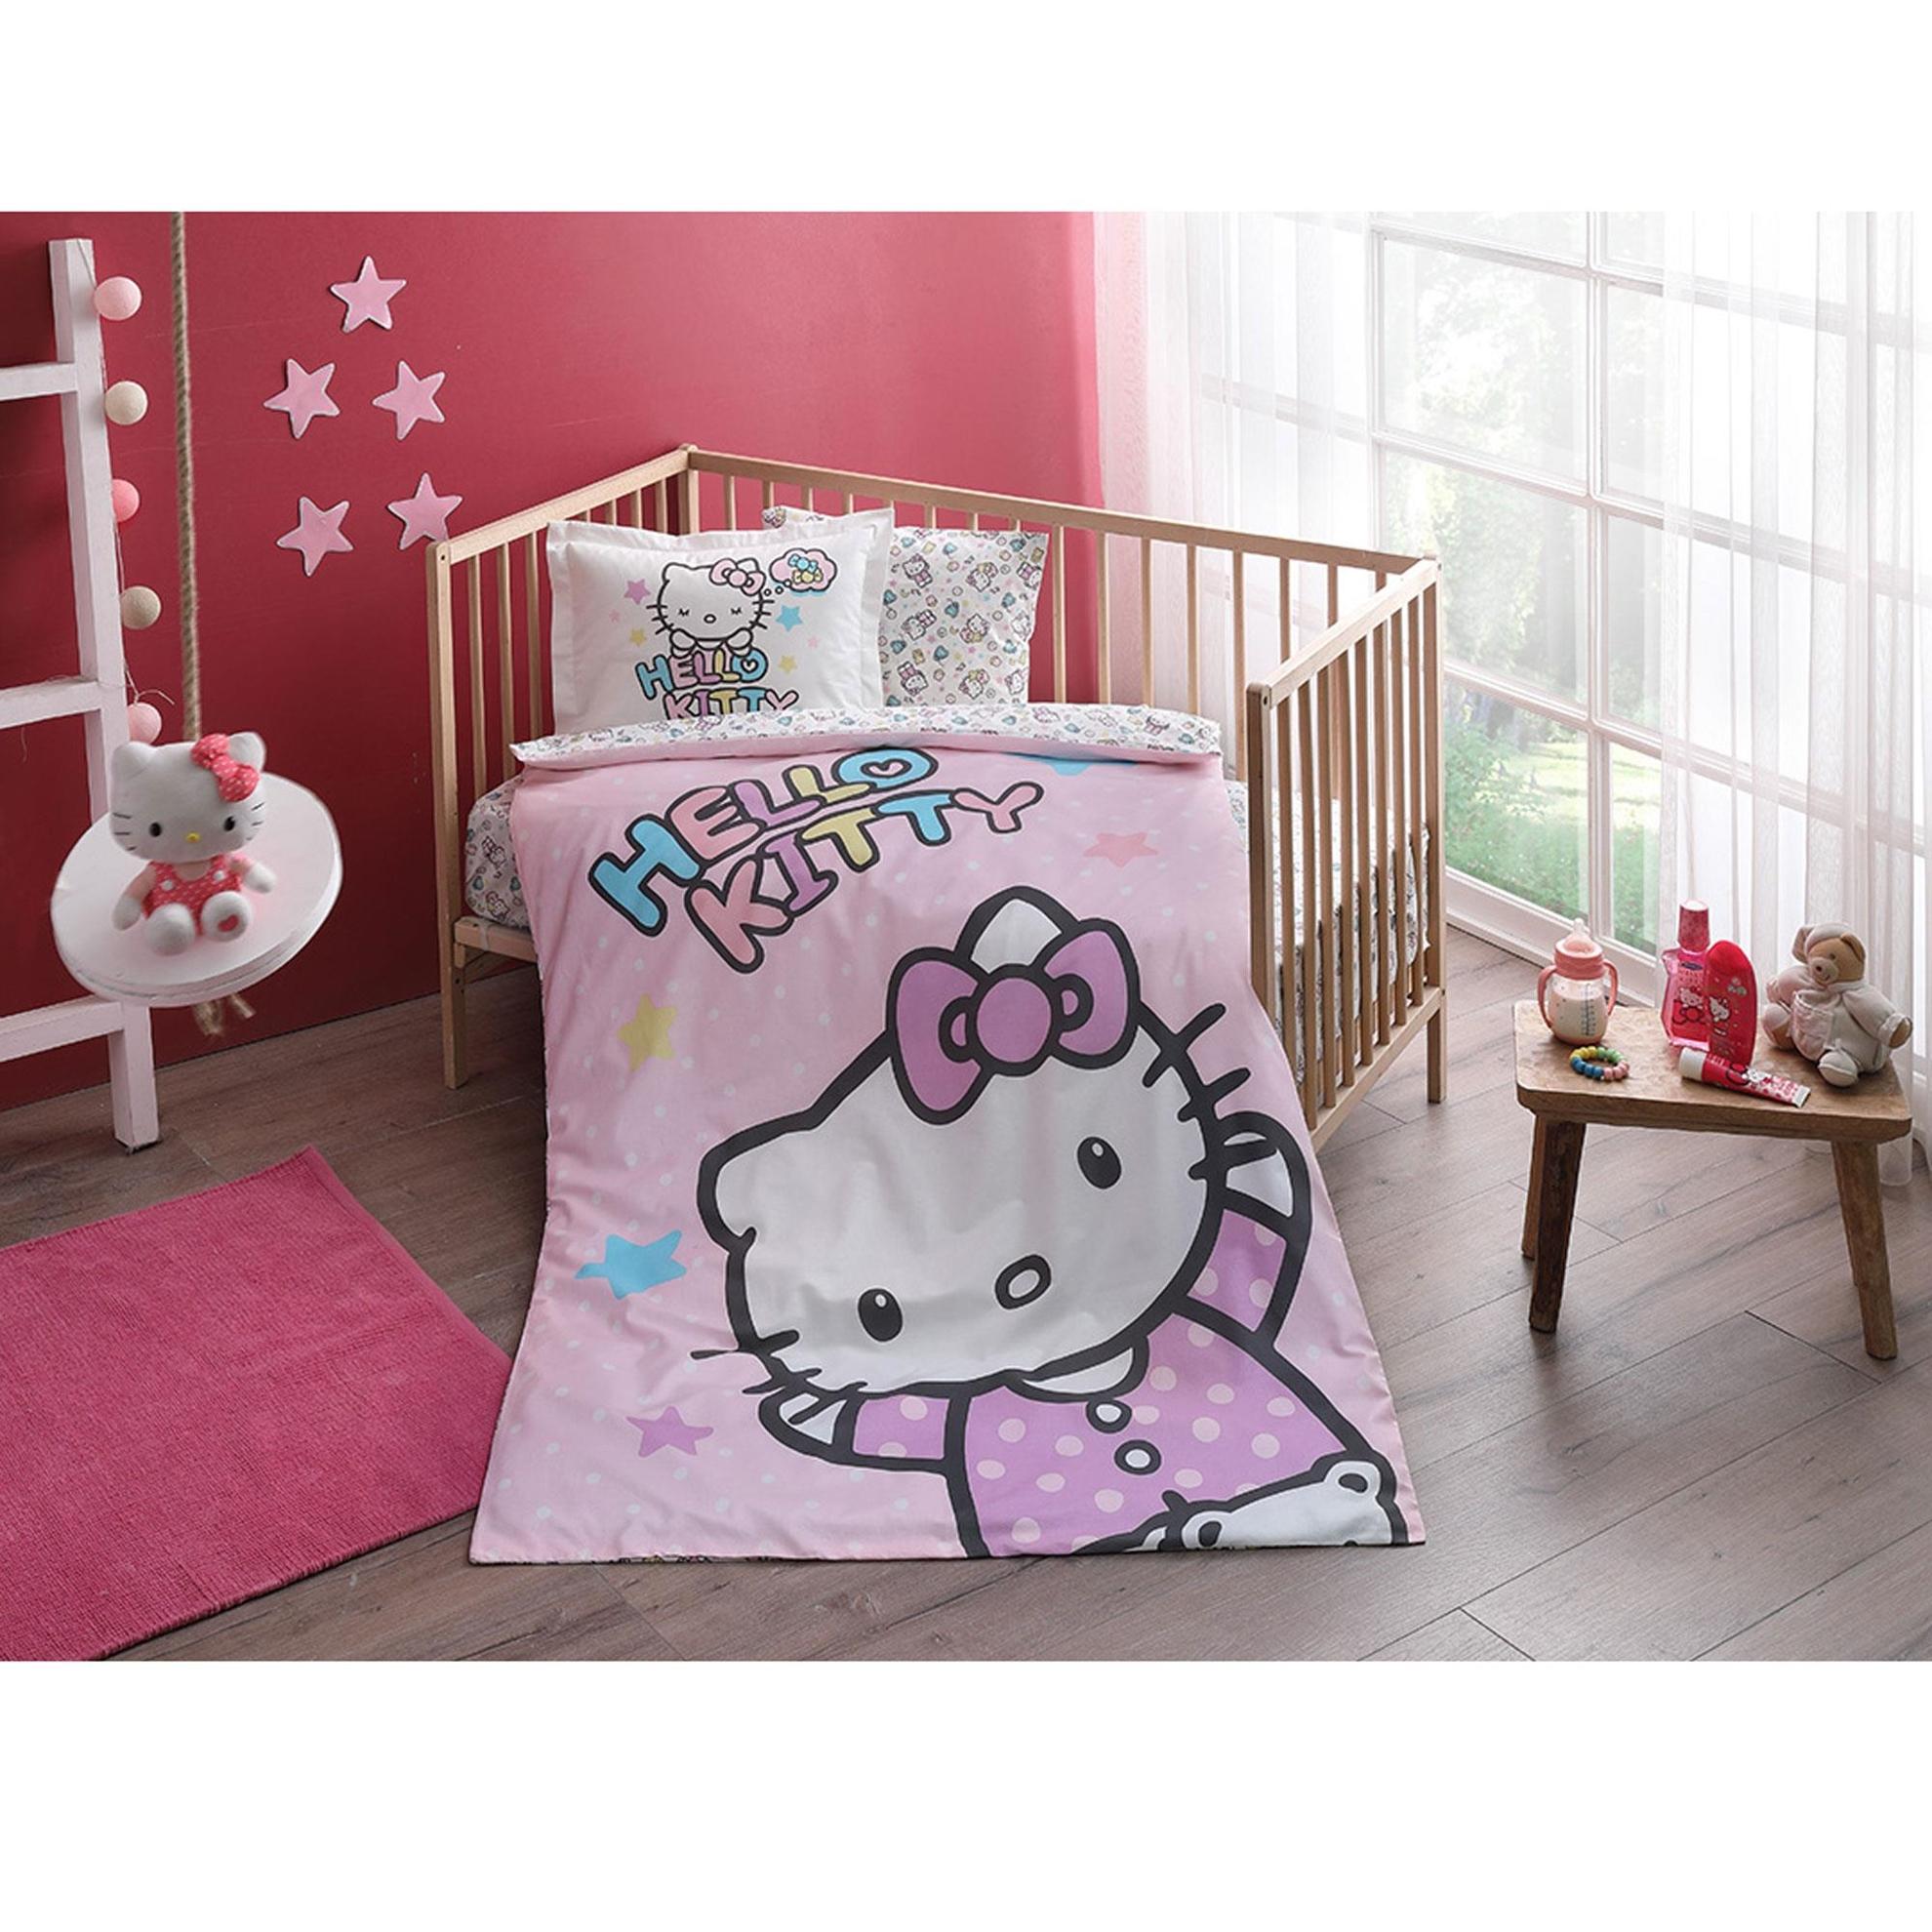 resm Taç Hello Kitty Baby Nevresim Takımı